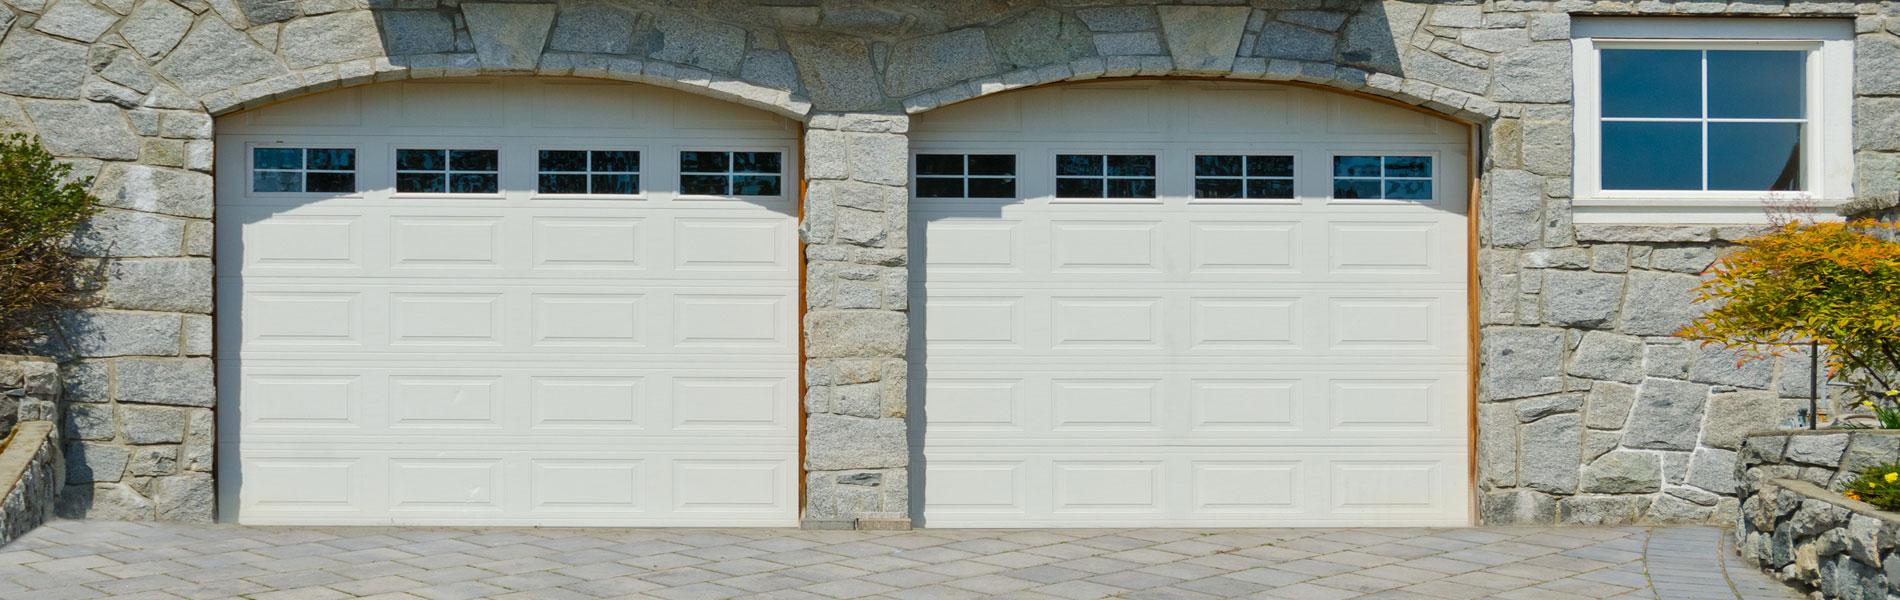 Beau ... Exclusive Garage Door Service, Oakland, CA 510 398 6254